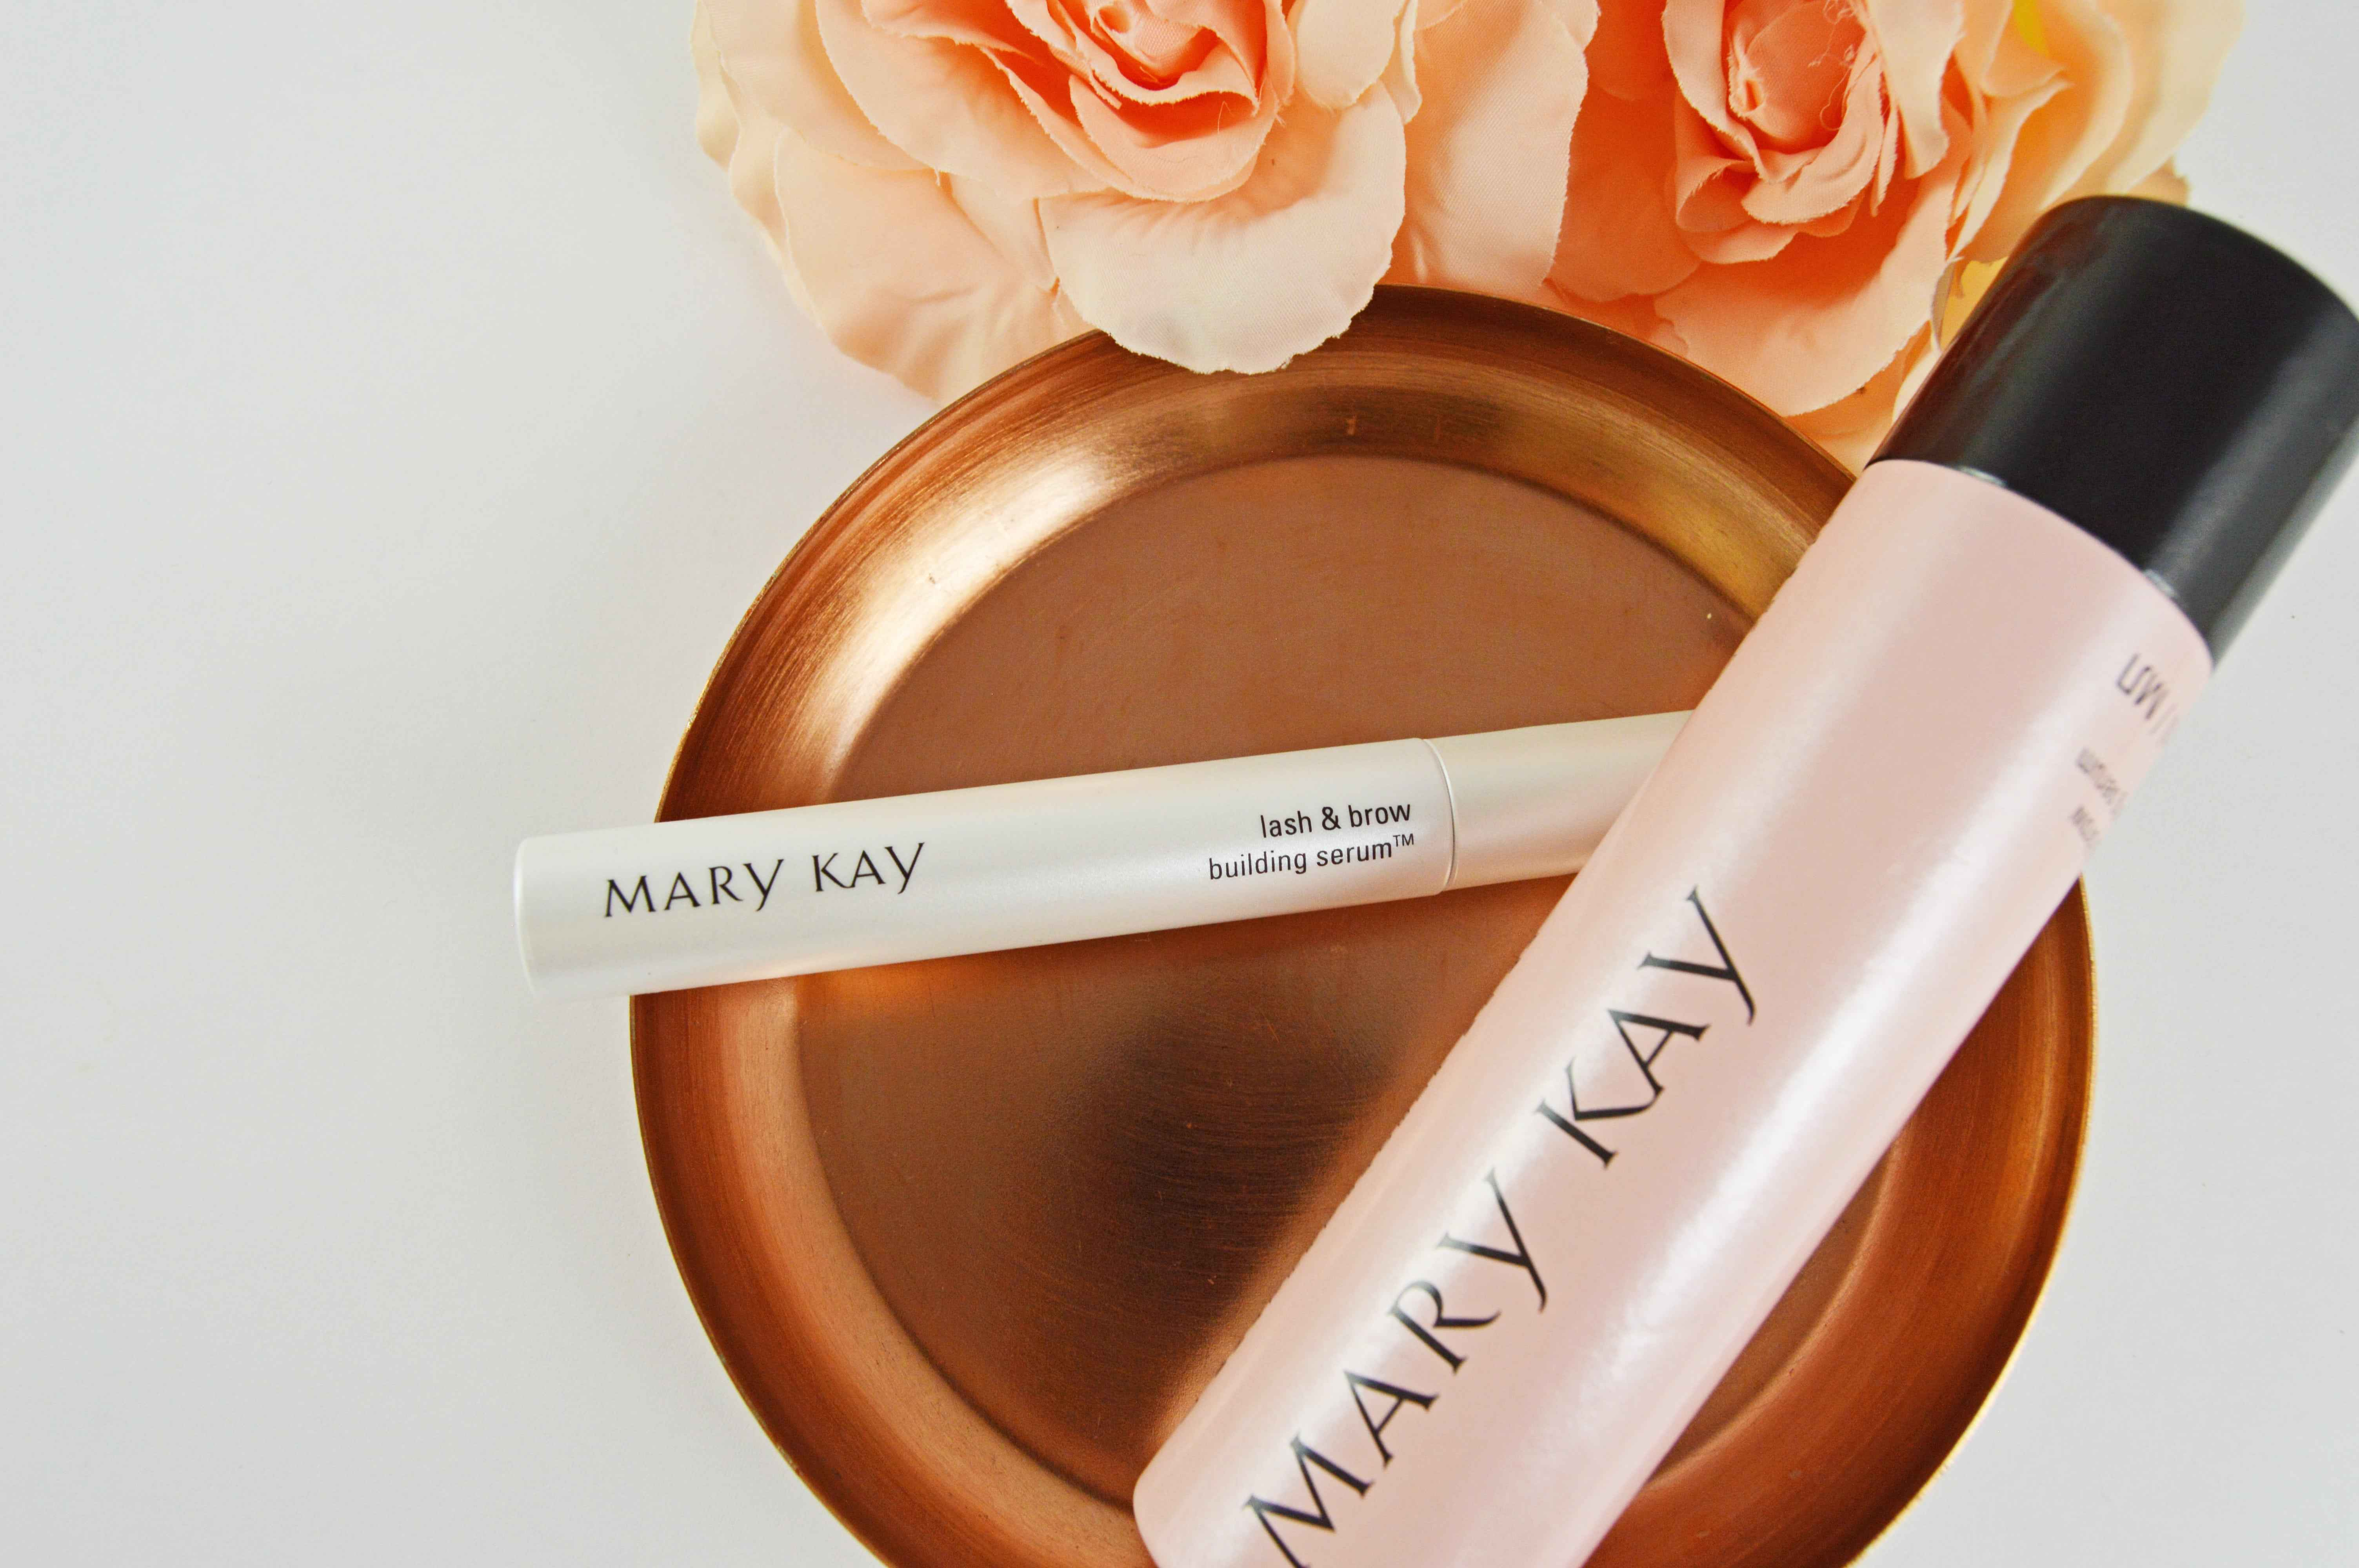 MARY KAY® LASH & BROW BUILDING SERUM